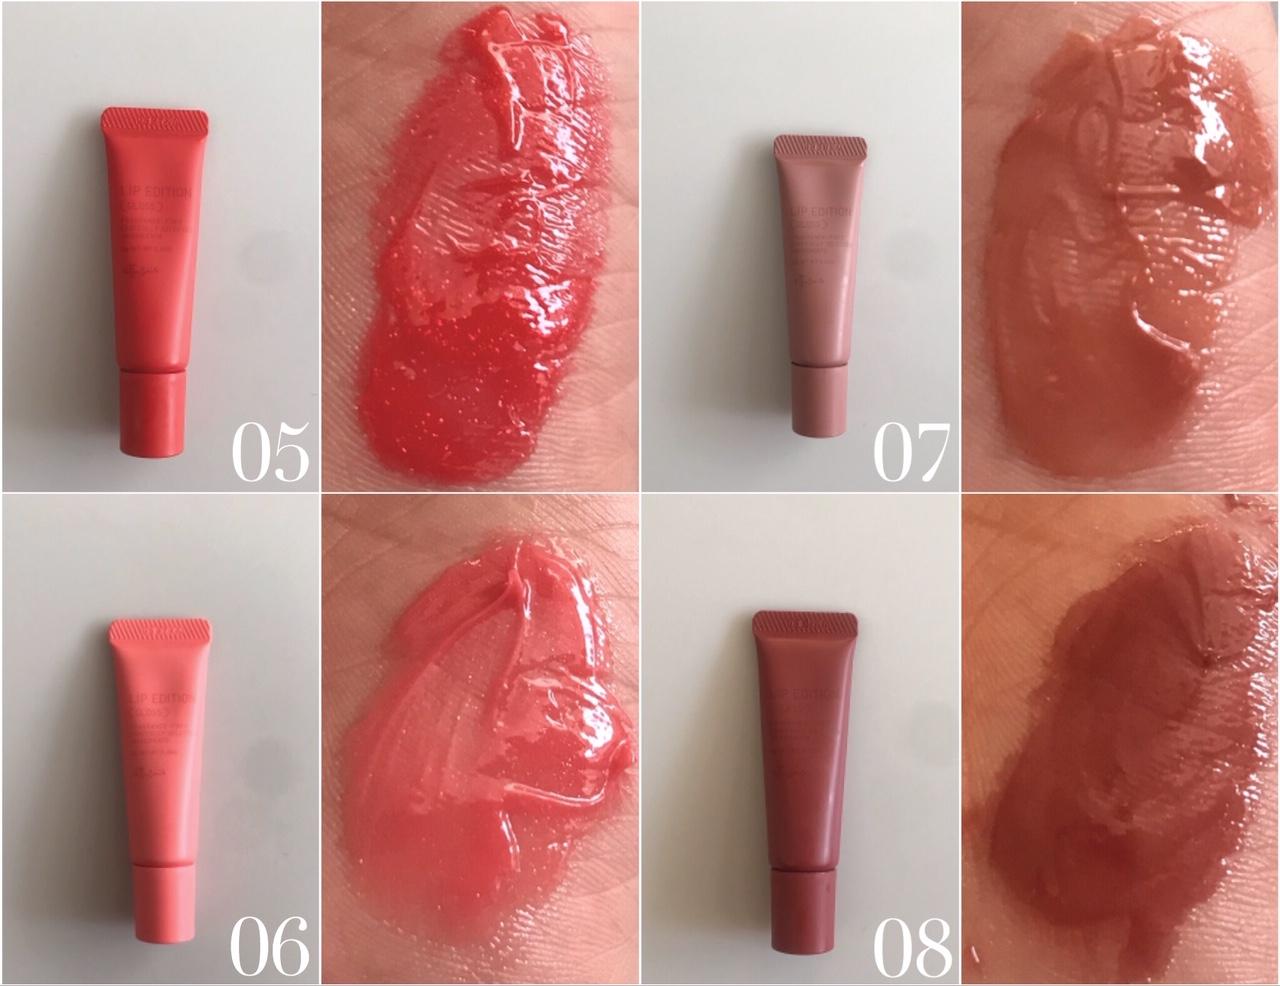 新『エテュセ』の「リップエディション(グロス)」を全色お試し♡ 唇用美容液としてケアしながらメイクできておすすめ_5